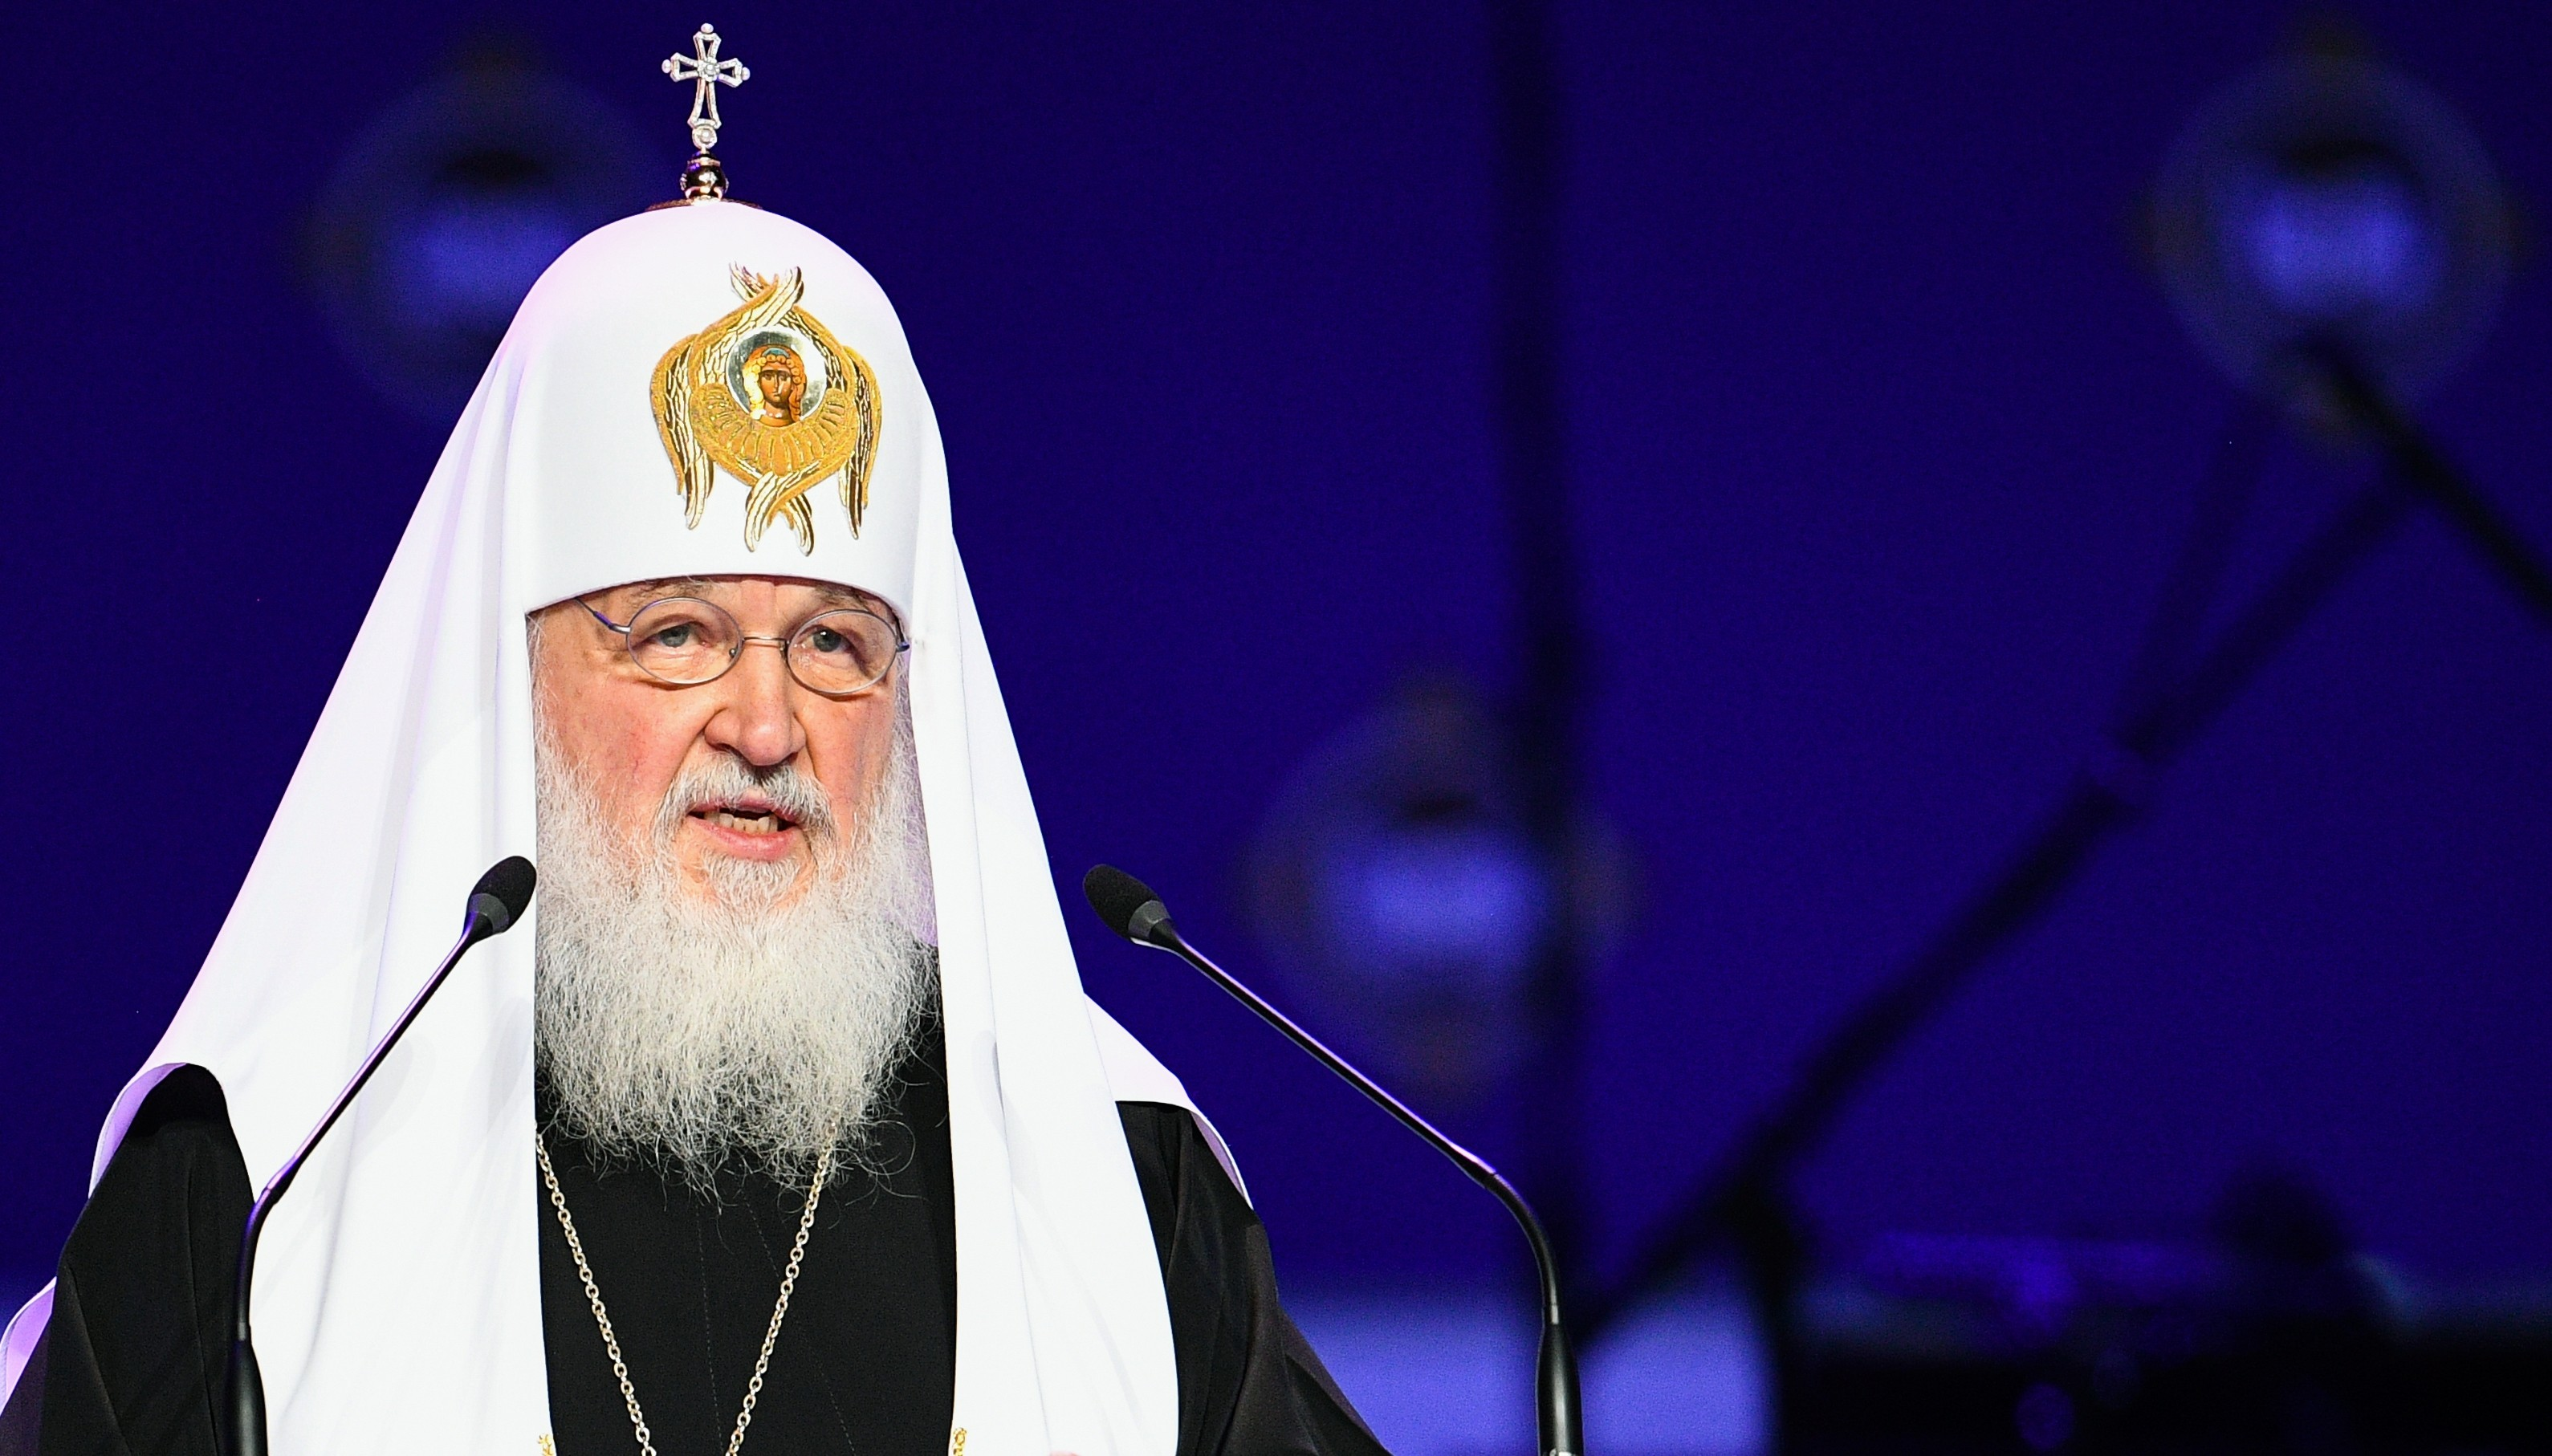 <p>Патриарх Кирилл. Фото: &copy; РИА Новости / Владимир Астапкович</p>